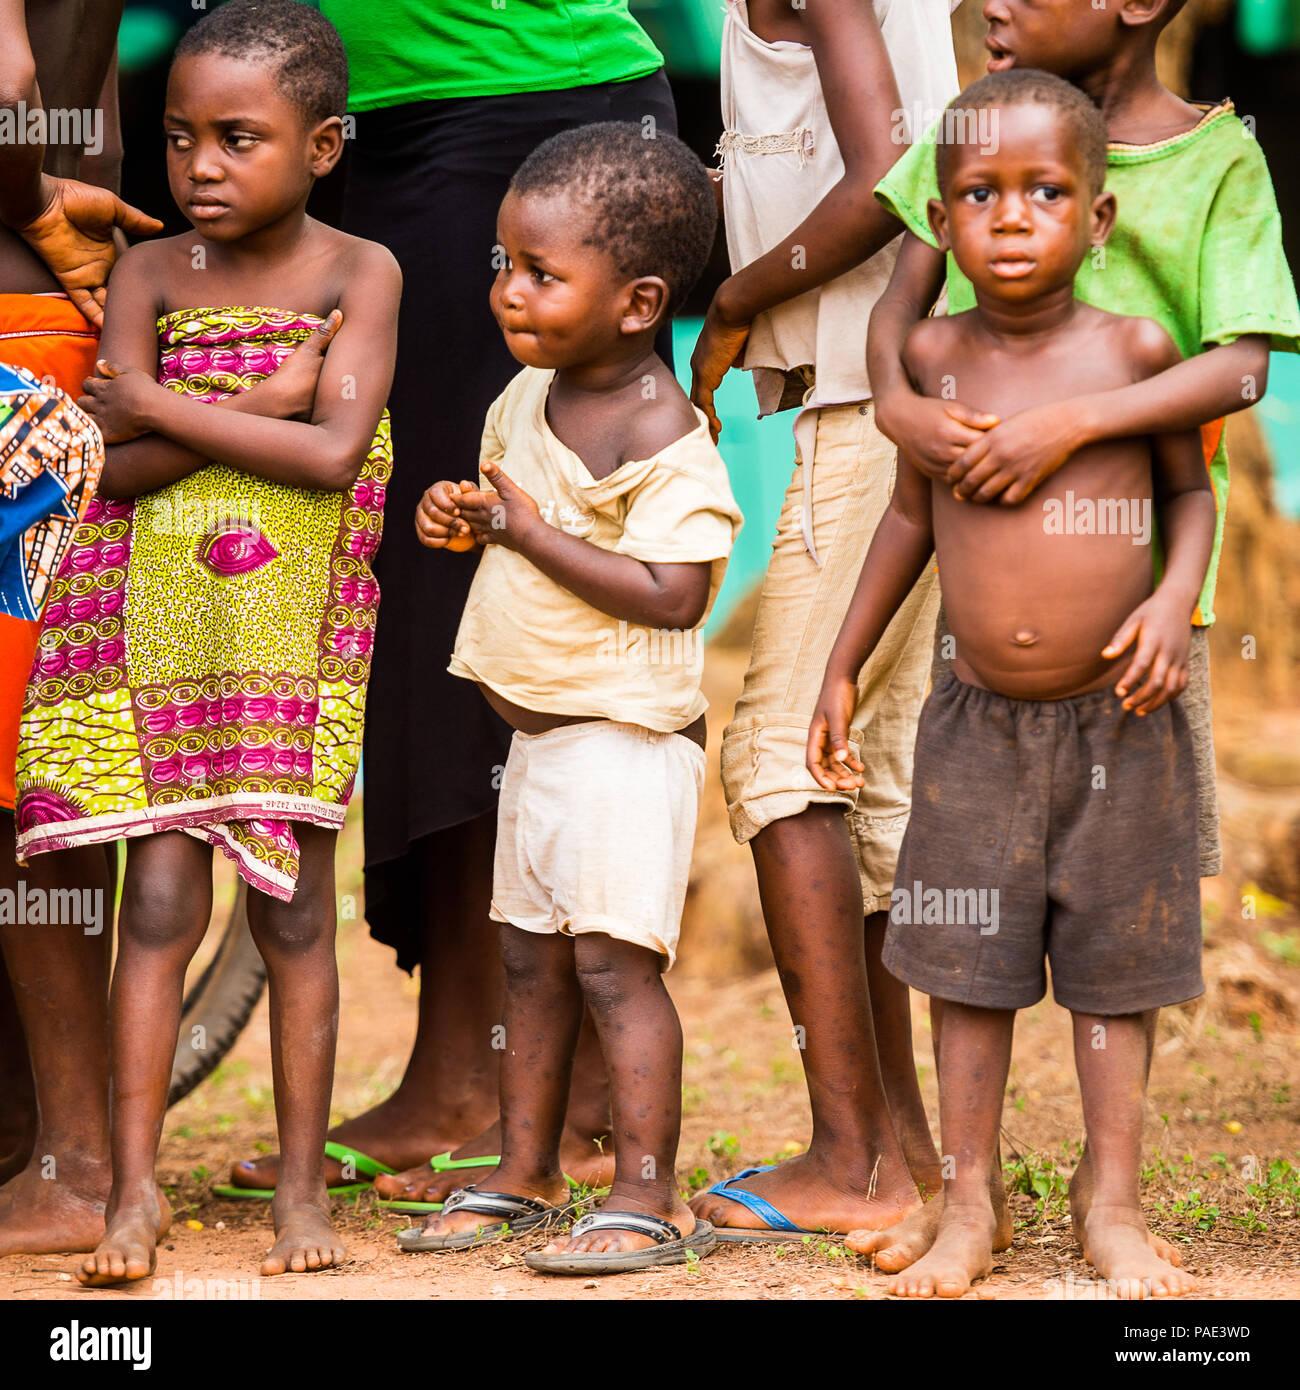 KARA, TOGO - Mar 9, 2013: Unbekannter togolesische Kinder beobachten und Tanz an der lokalen Musik zeigen. Kinder in Togo Leiden der Armut aufgrund der Unstab Stockfoto